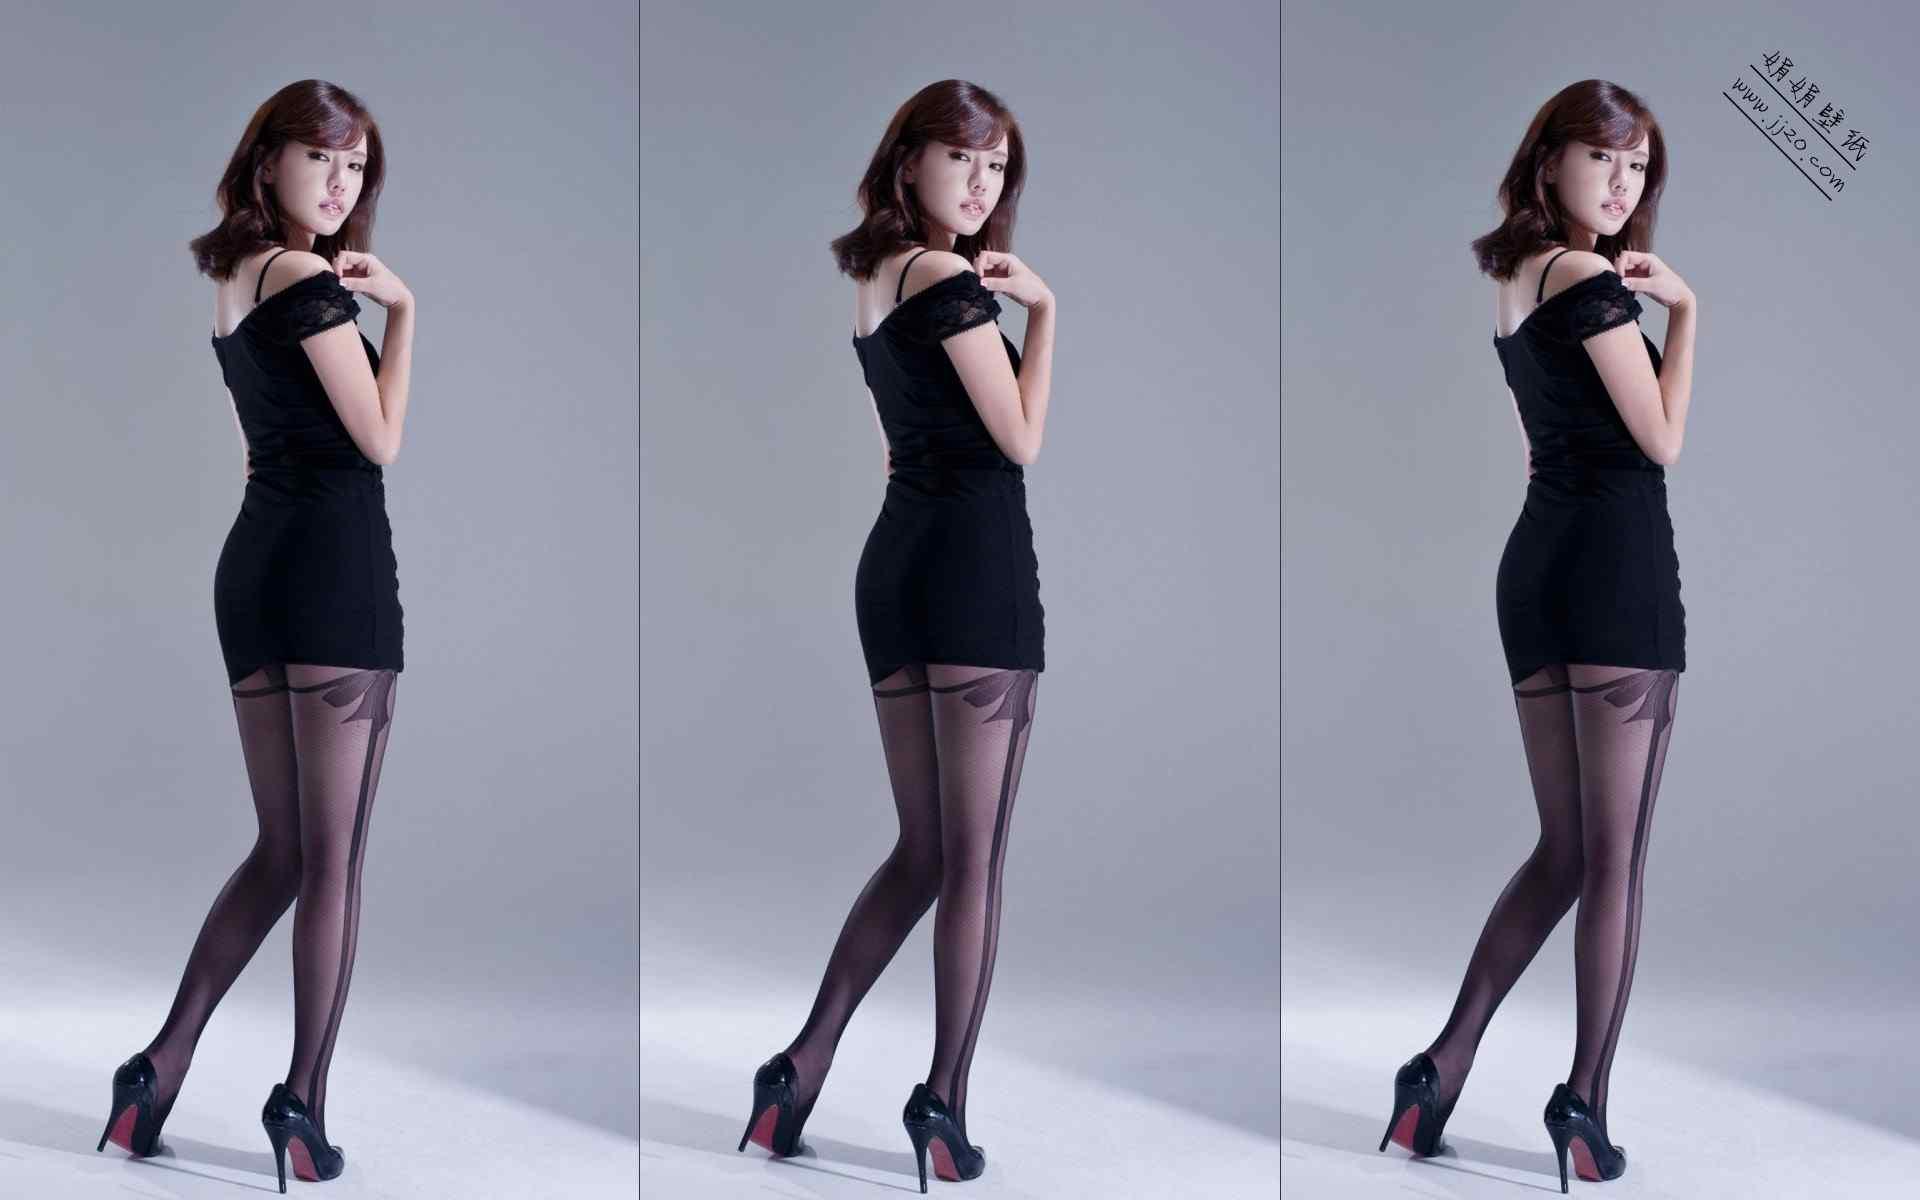 韩国壁纸桌面_韩国美女性感写真高清电脑桌面壁纸 -桌面天下(Desktx.com)